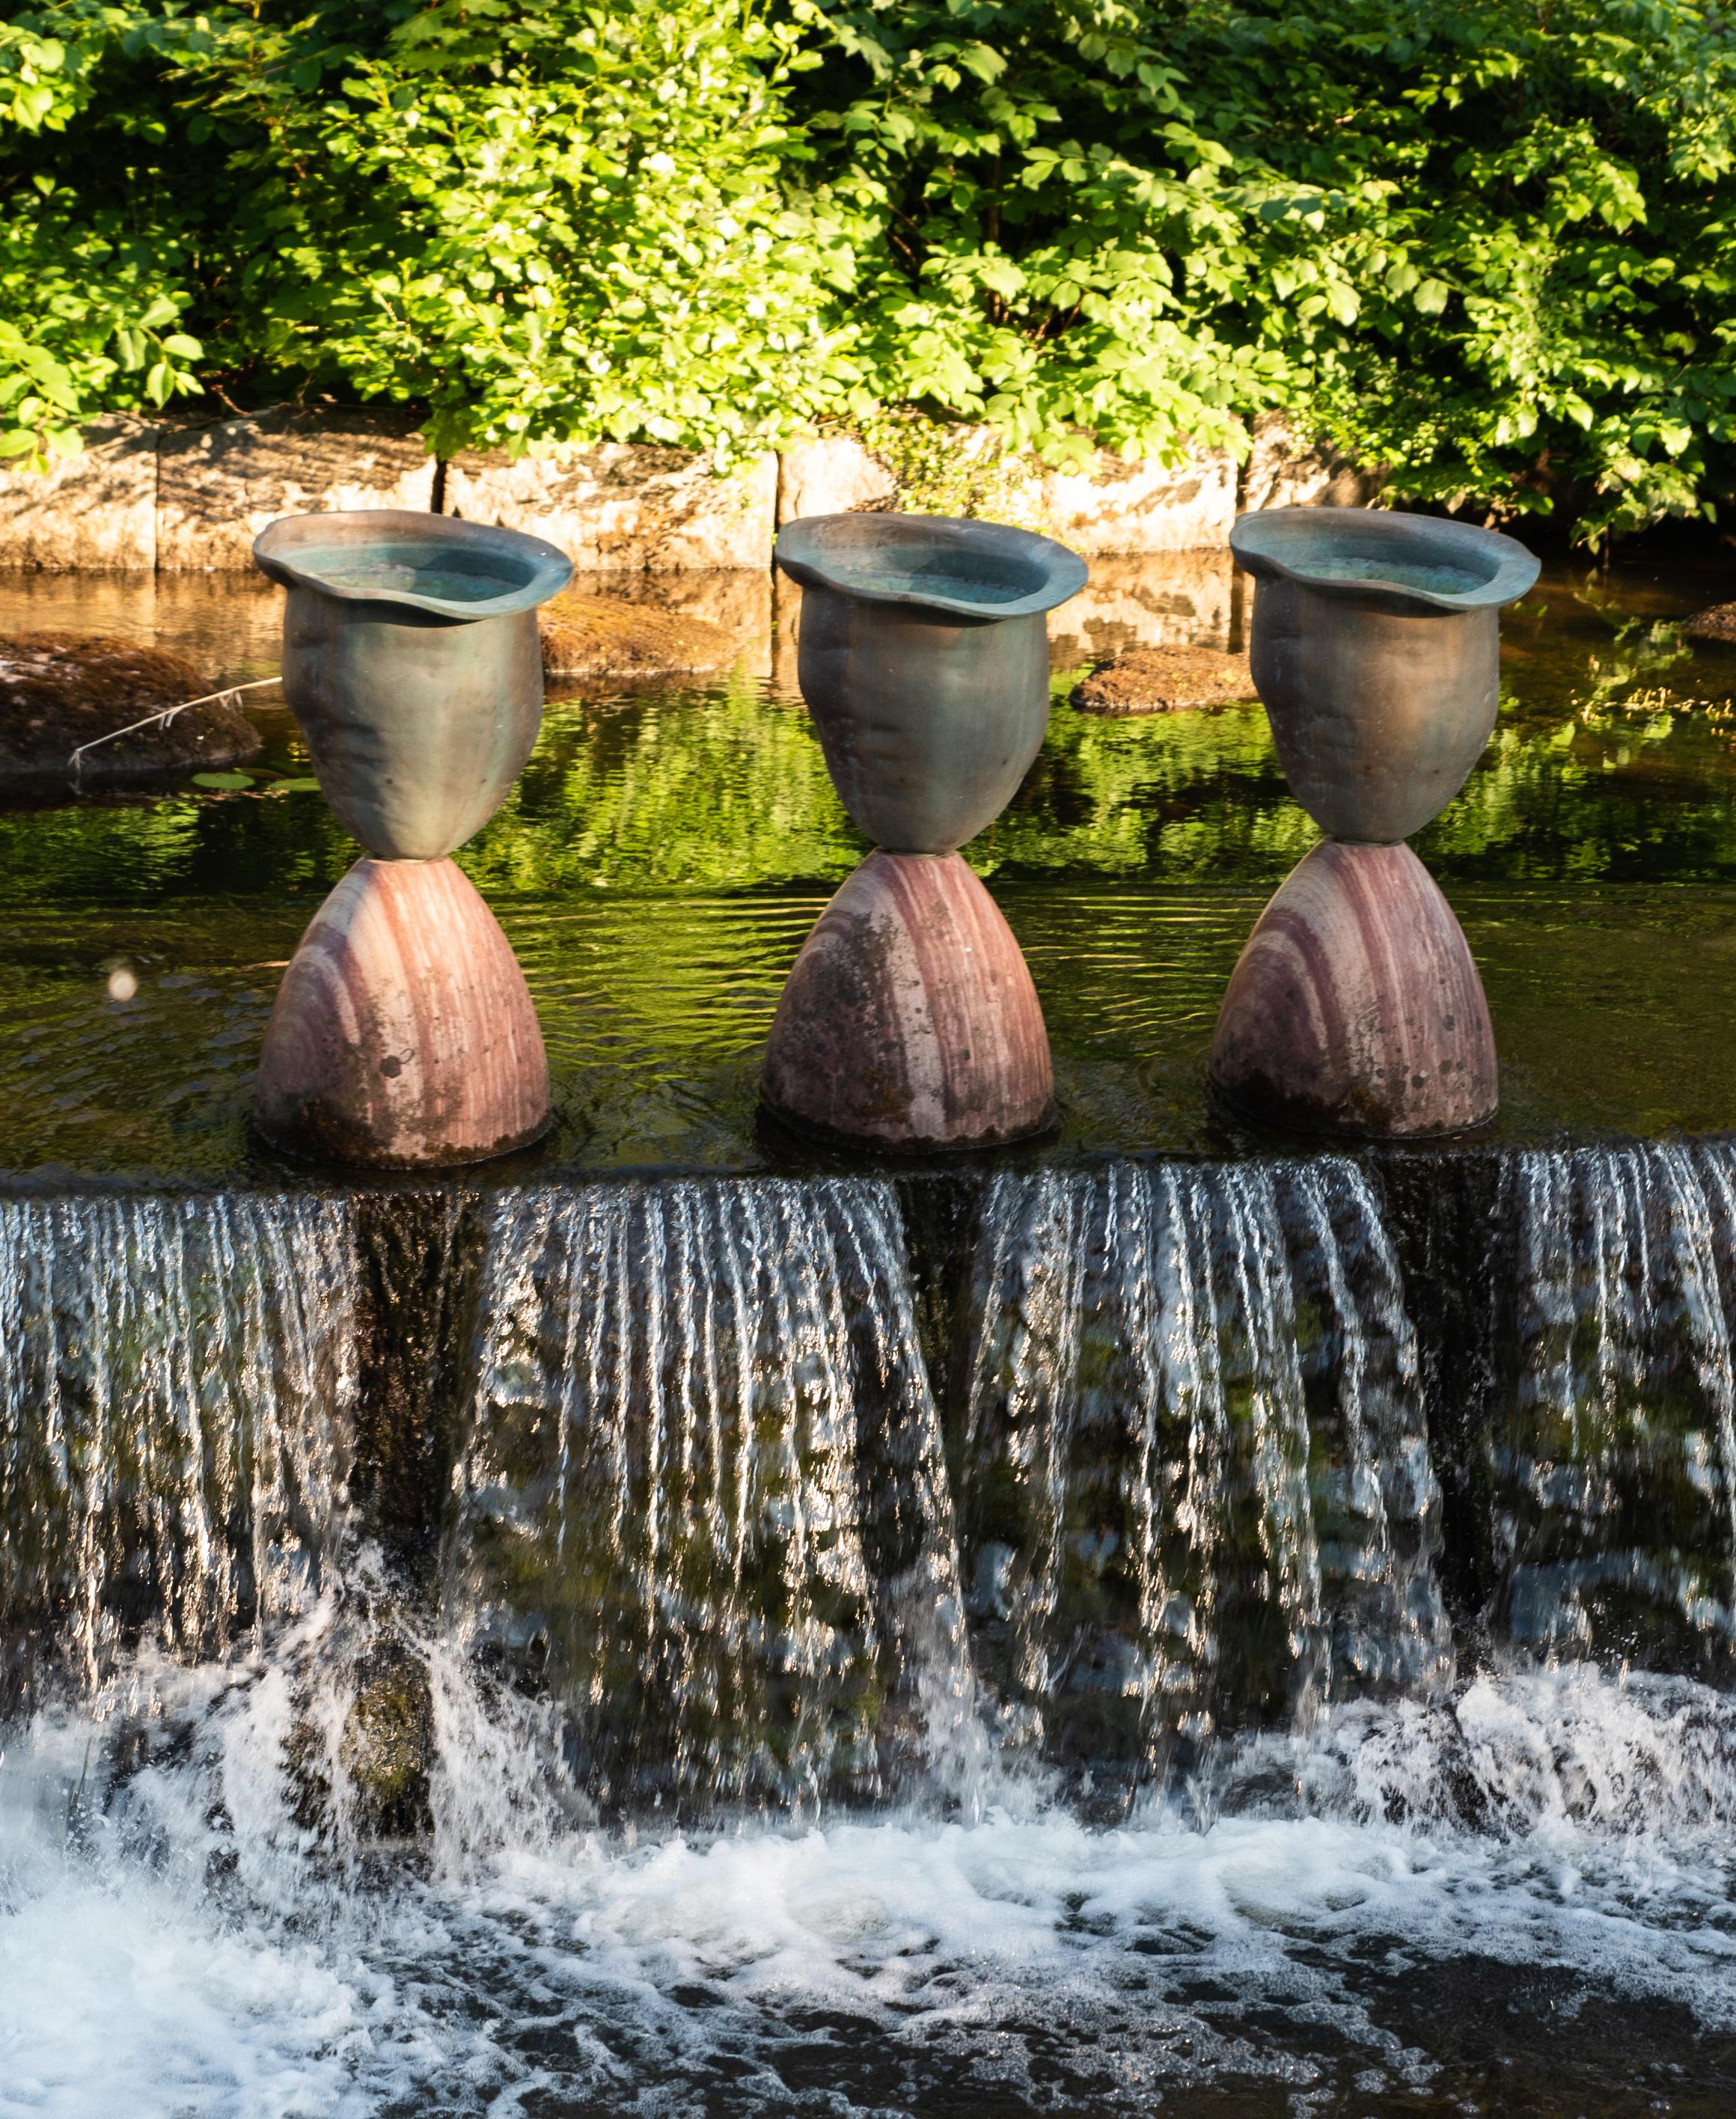 Dag Birkeland - Vatten Timglas - Klicka för att byta till perspektivbild.